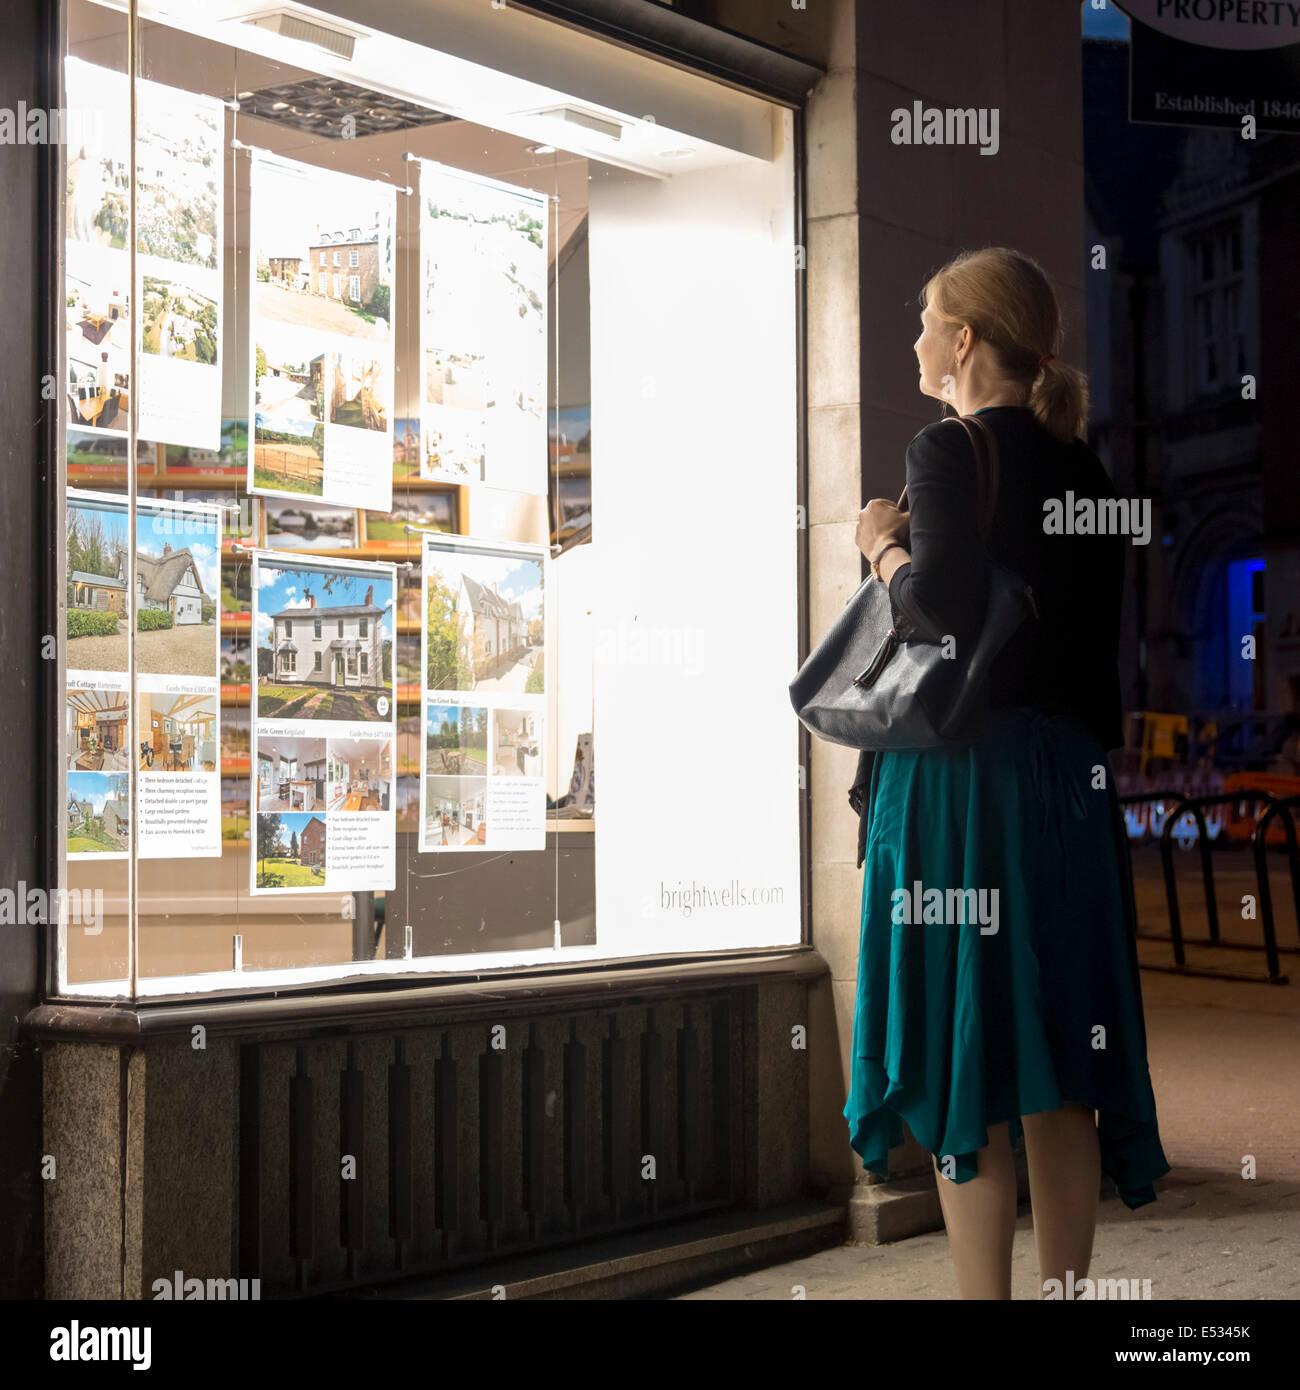 Mujer mirando por una ventana de agentes de la propiedad inmobiliaria en la noche, Reino Unido. Imagen De Stock